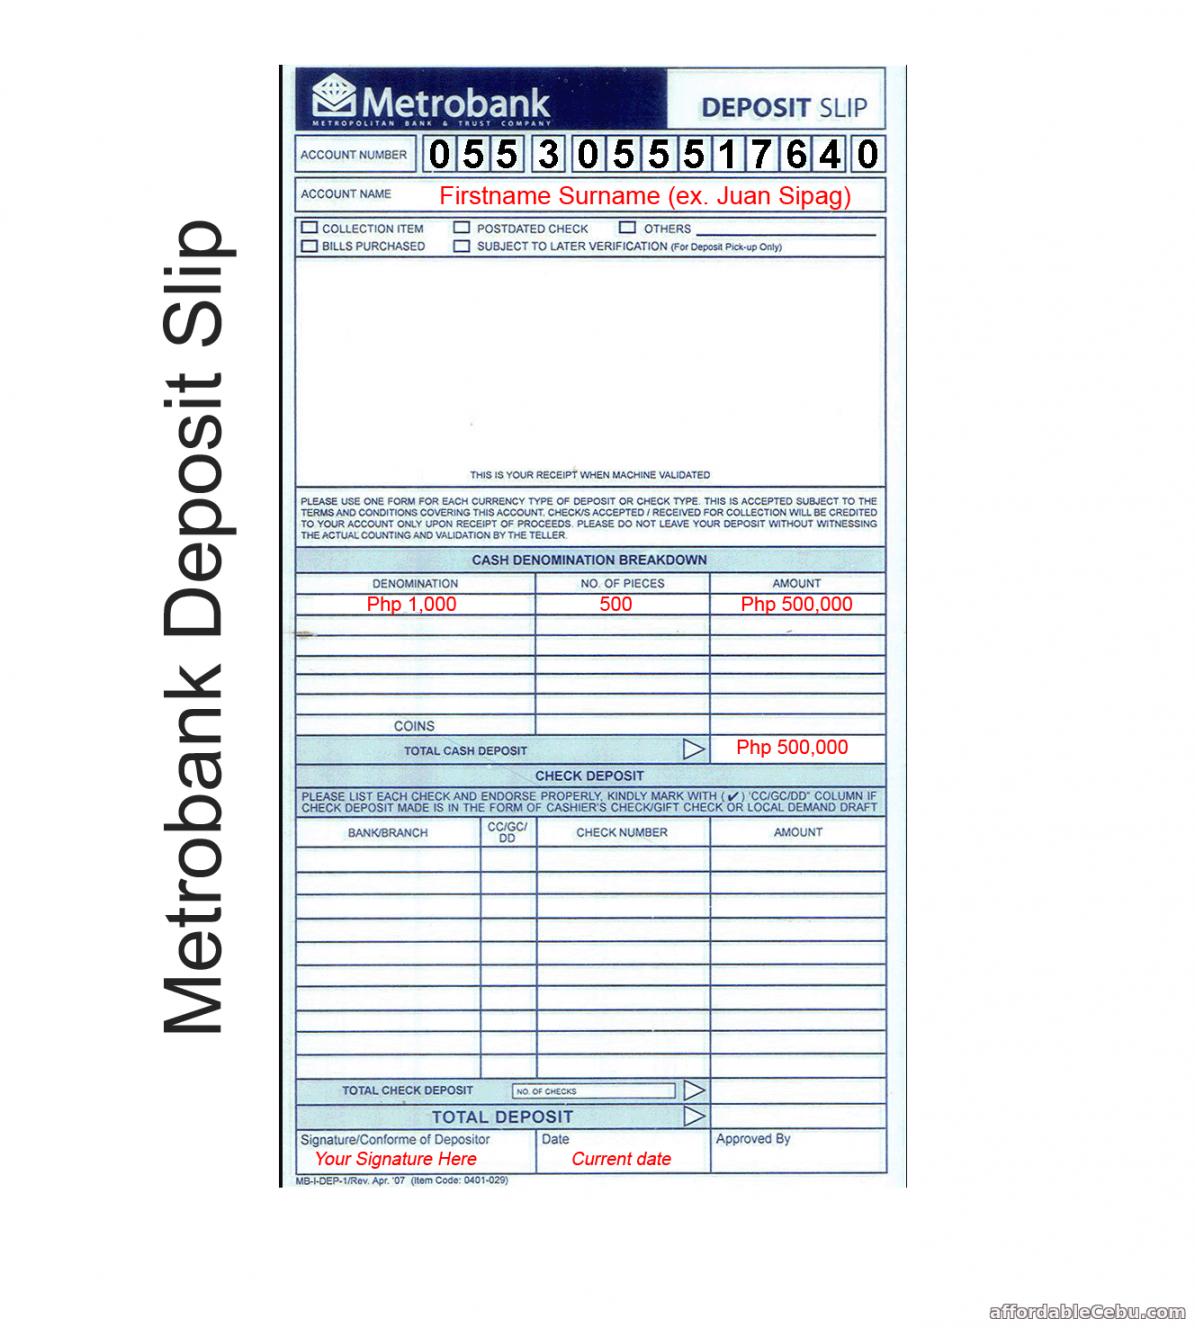 metrobank deposit slip sample copy  banking 30652 cash deposit slip template doc